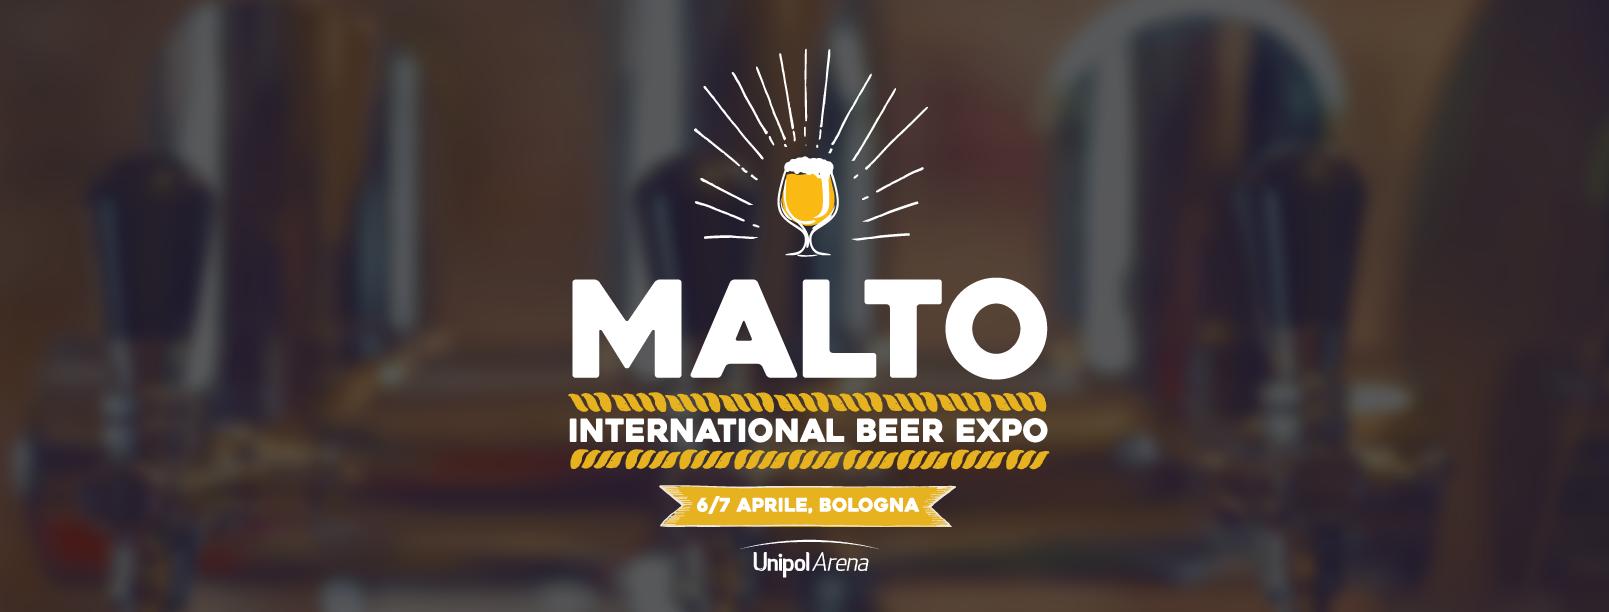 malto-beer-expo